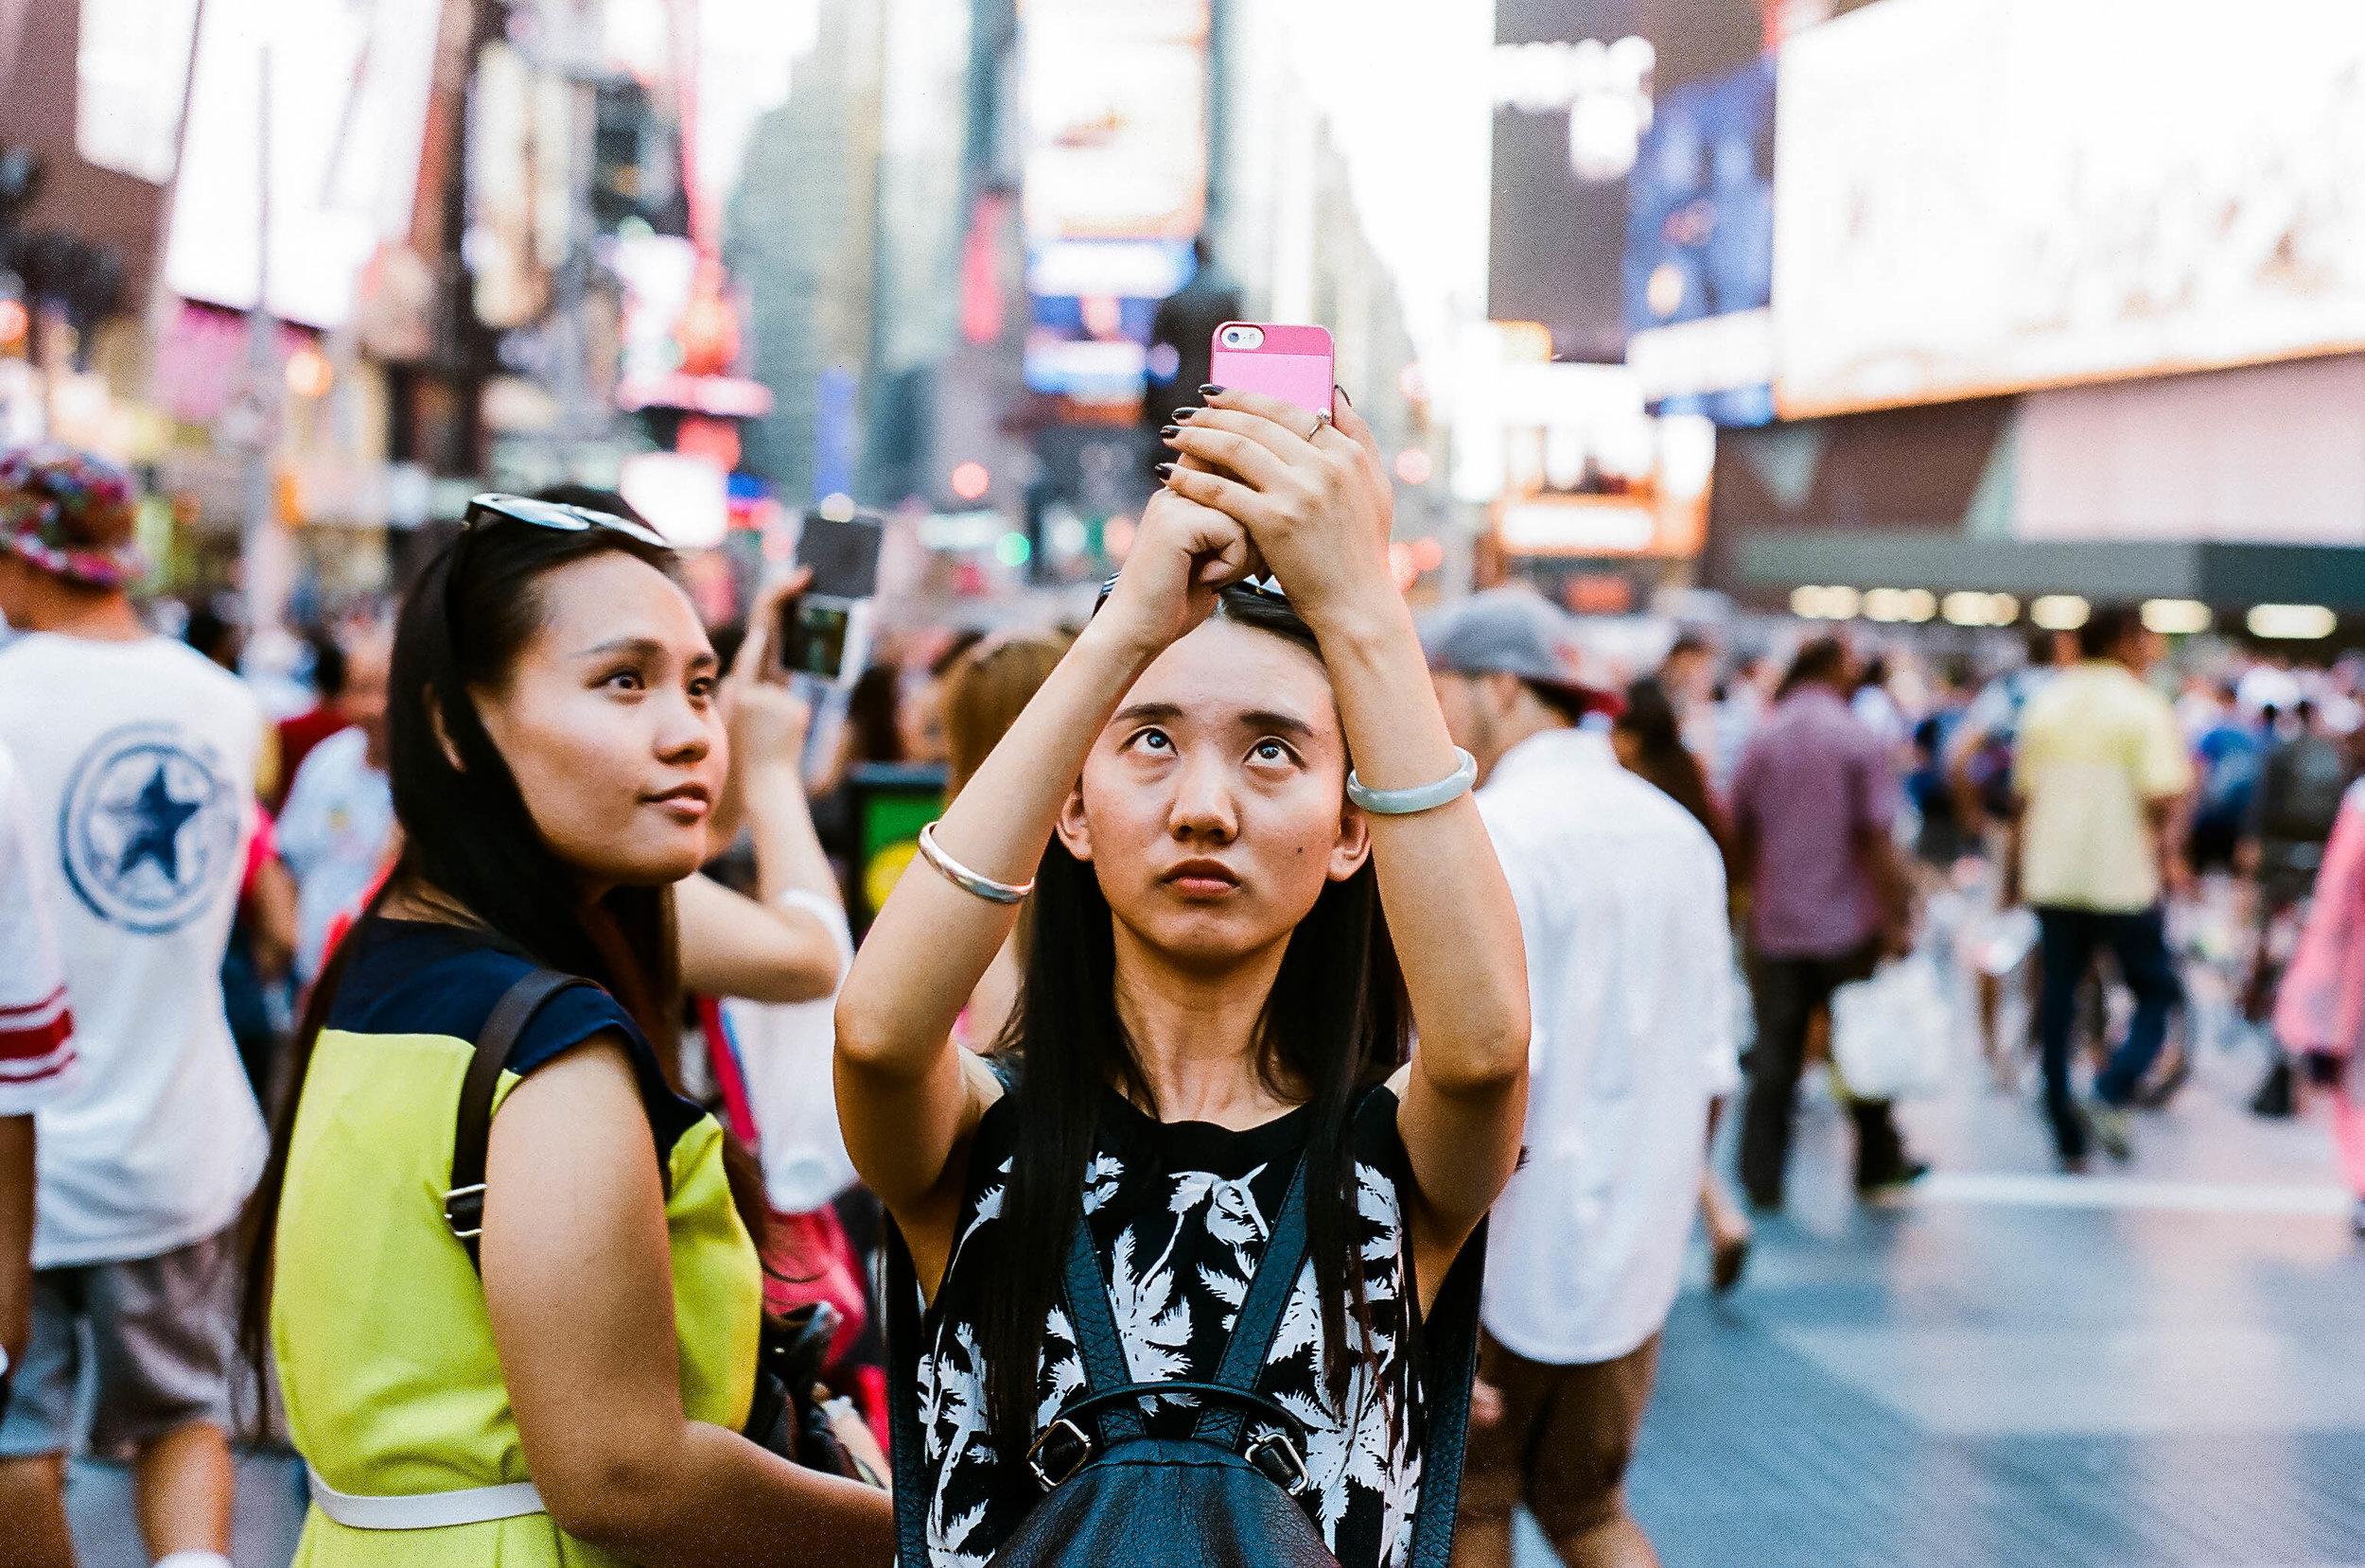 selfies_times_square-6.jpg